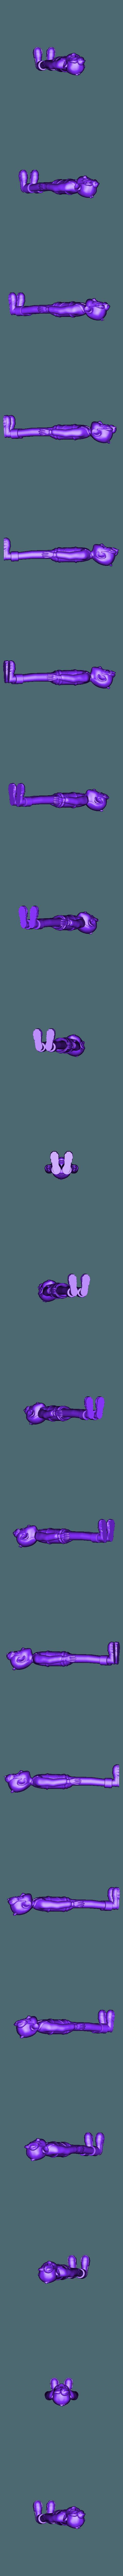 hogarth.stl Télécharger fichier STL gratuit Géant de fer massif et Hogarth • Design pour imprimante 3D, ChaosCoreTech